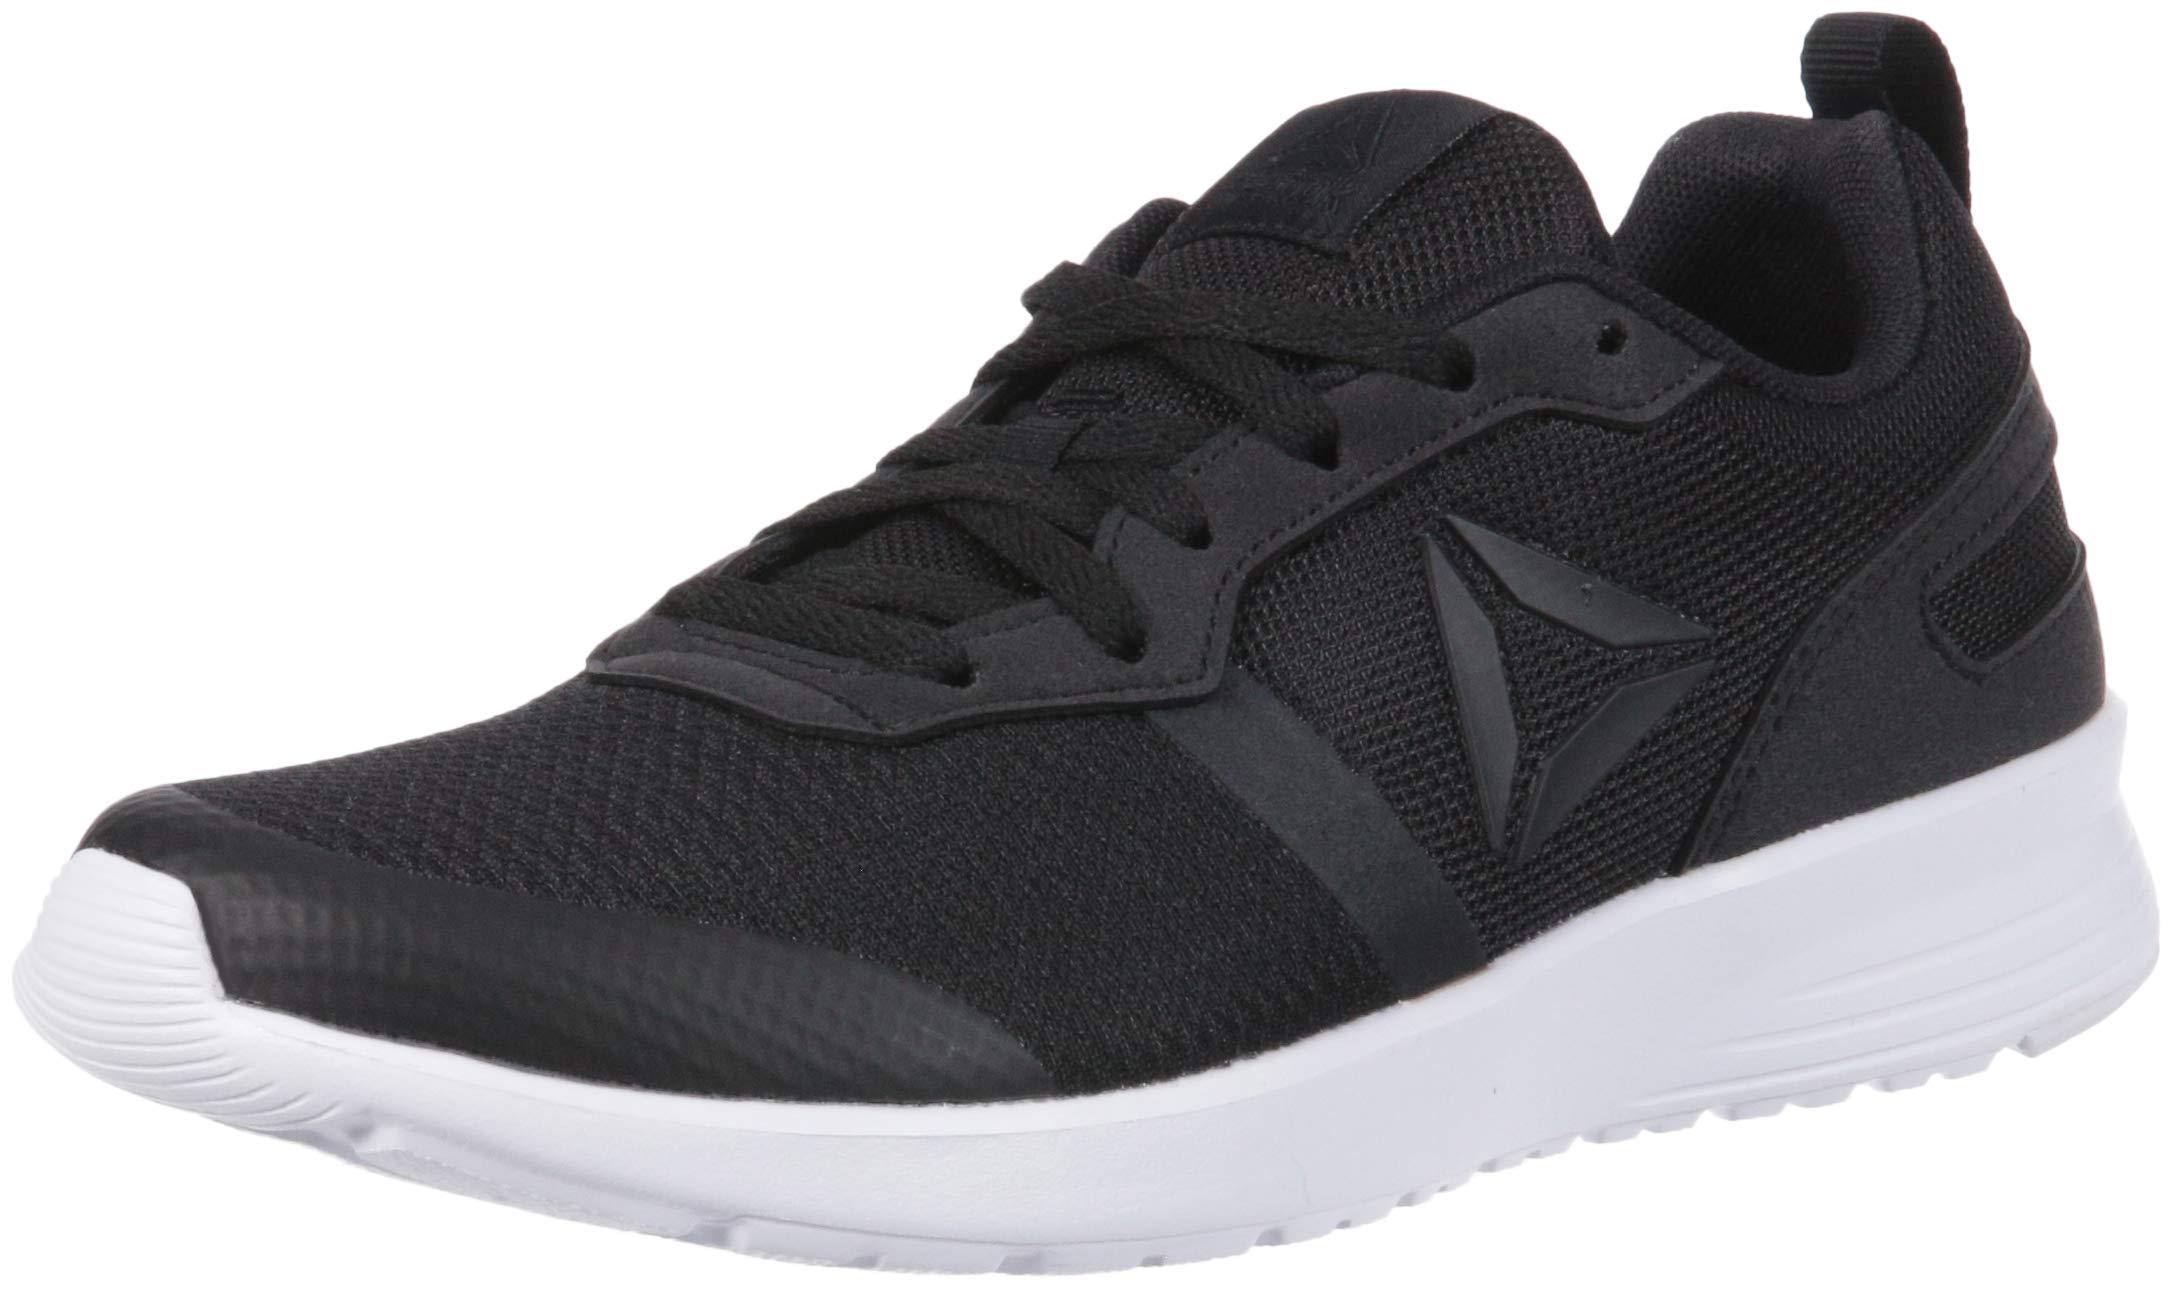 Reebok Women's Foster Flyer Sneaker, Black/White, 8 M US